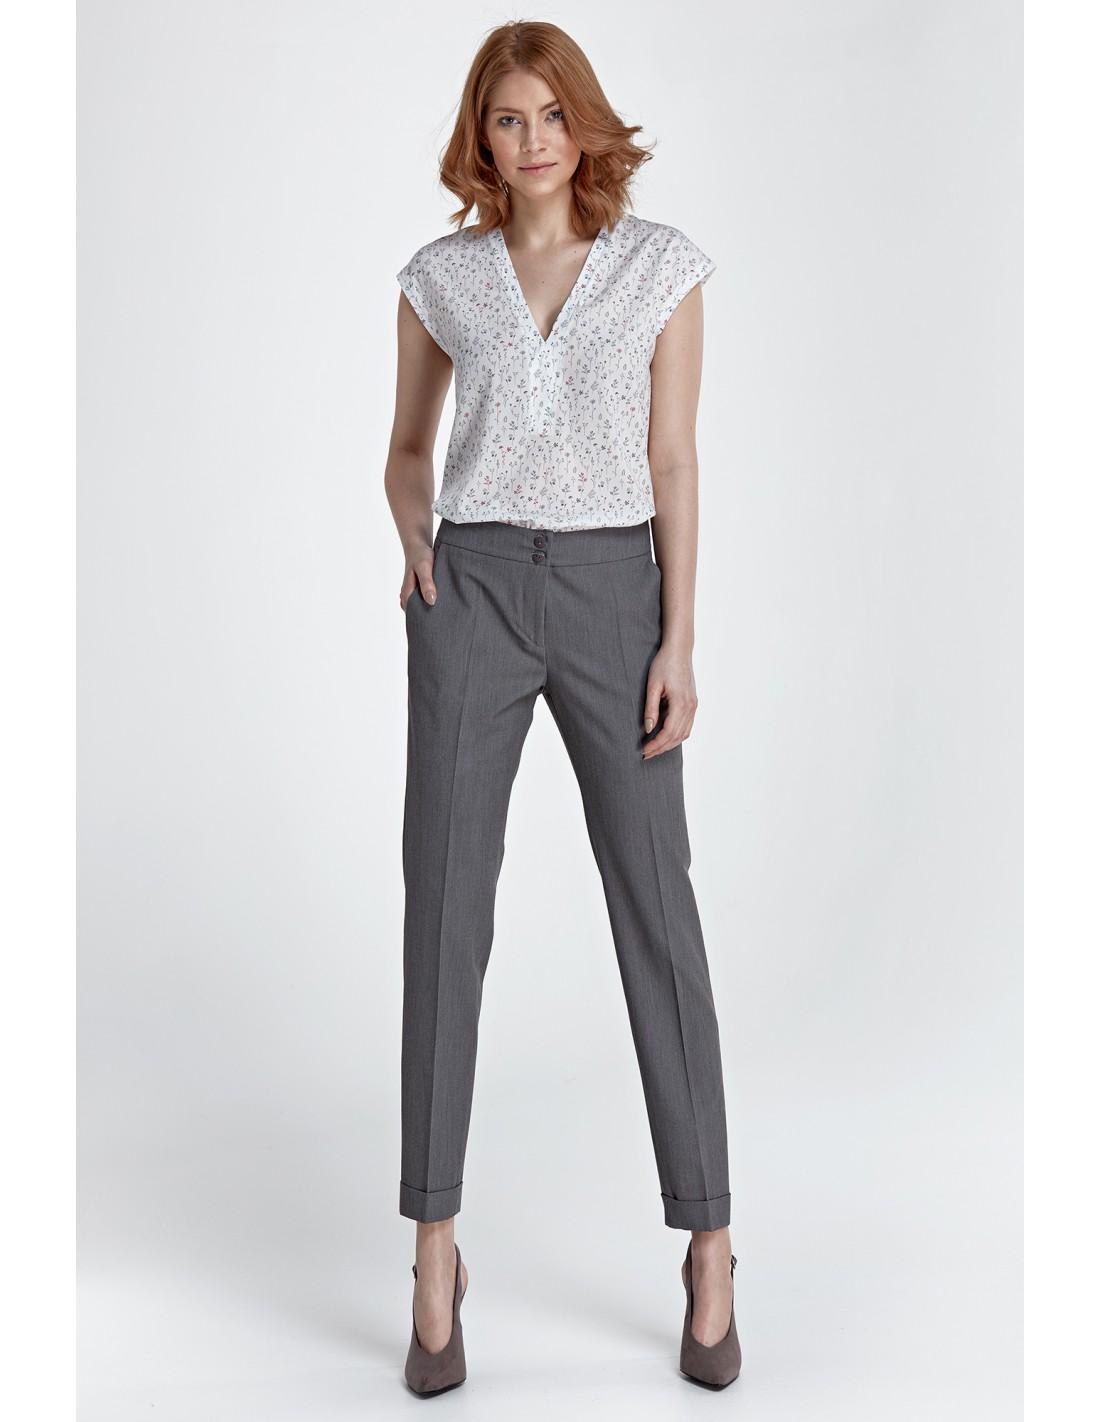 Spodnie z mankietami szare Rozmiar 36 (S)